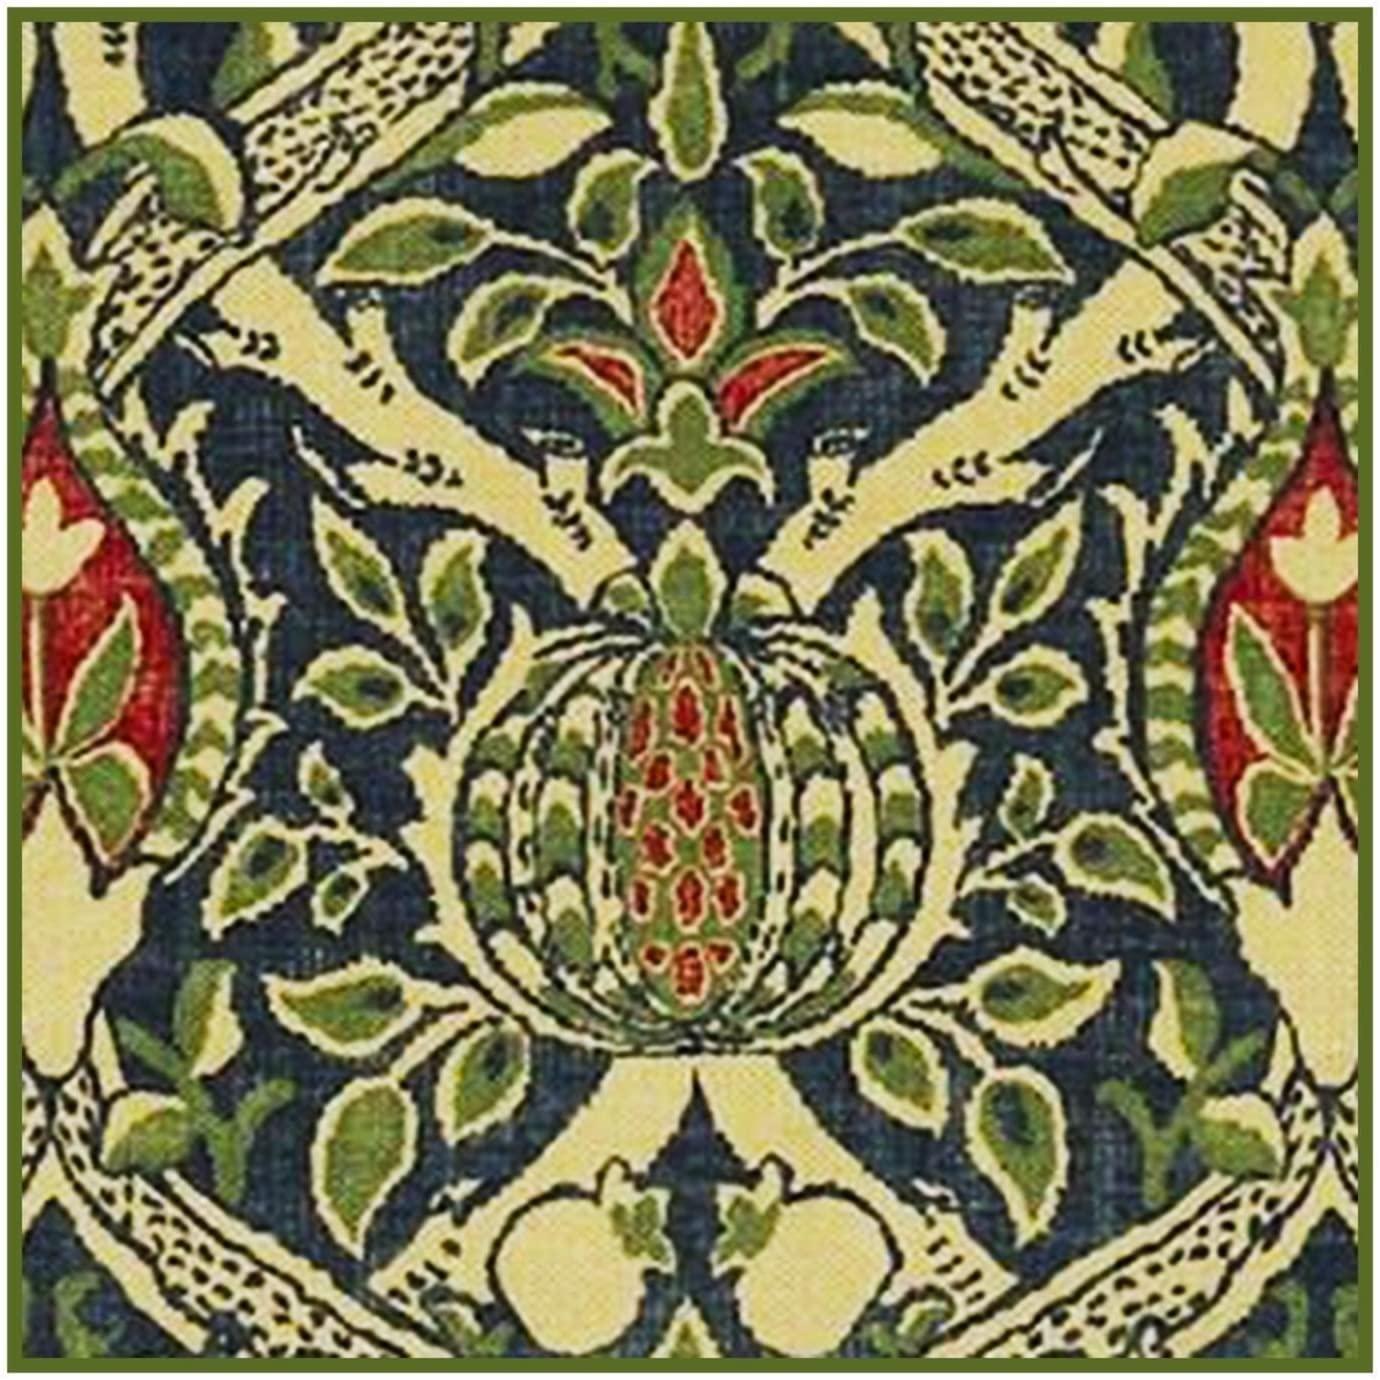 Orenco Originals Granada Detail 3 William Morris Design Counted Cross Stitch Pattern